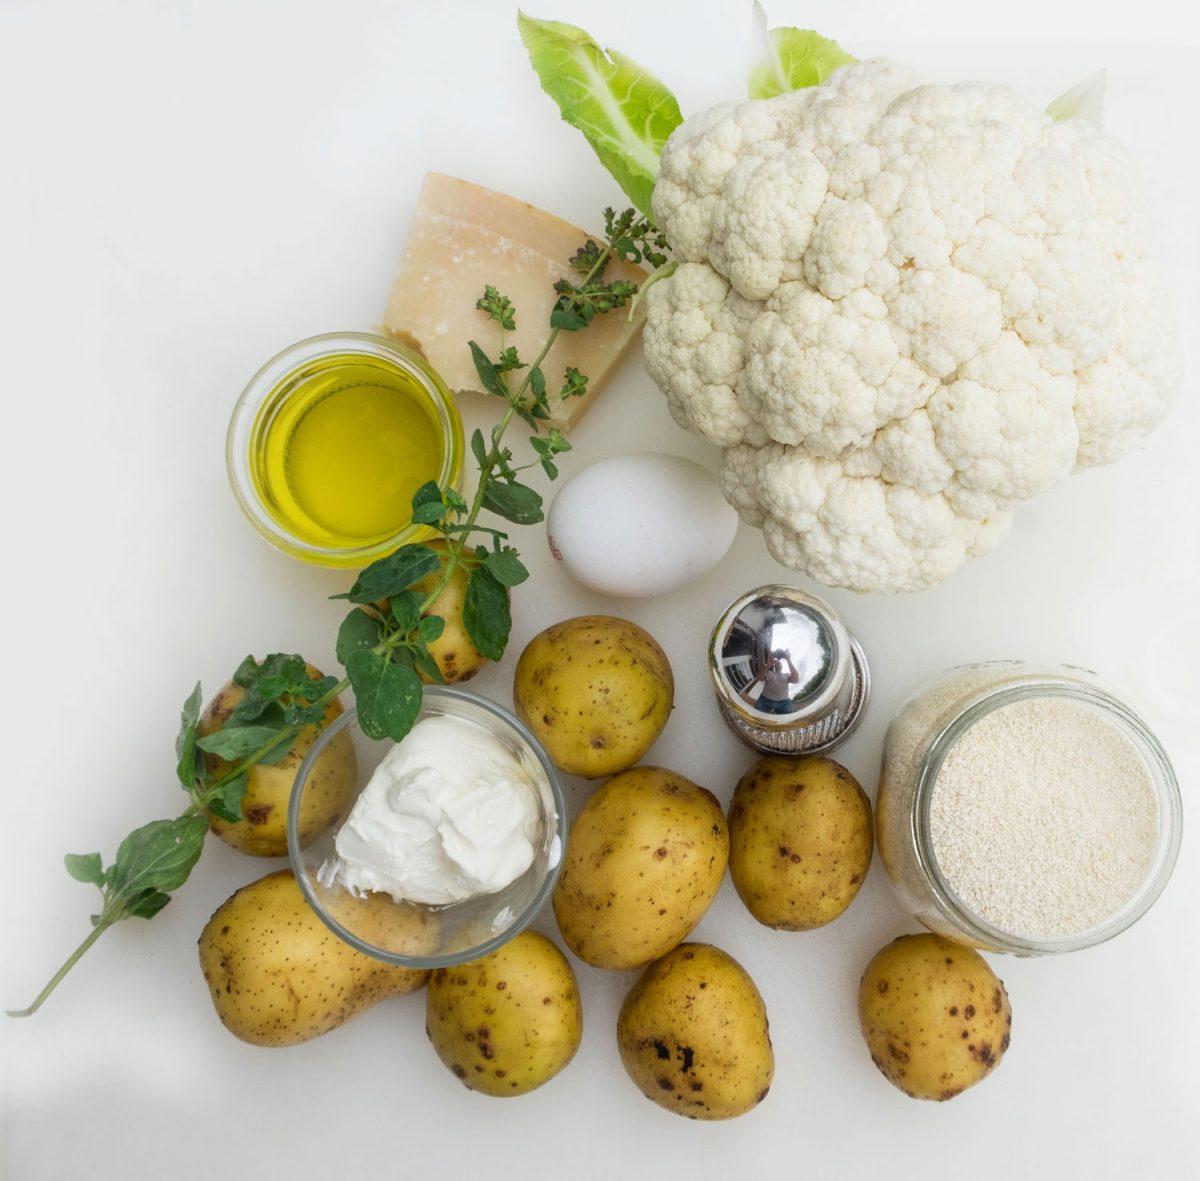 Zutaten für die Parmesankruste